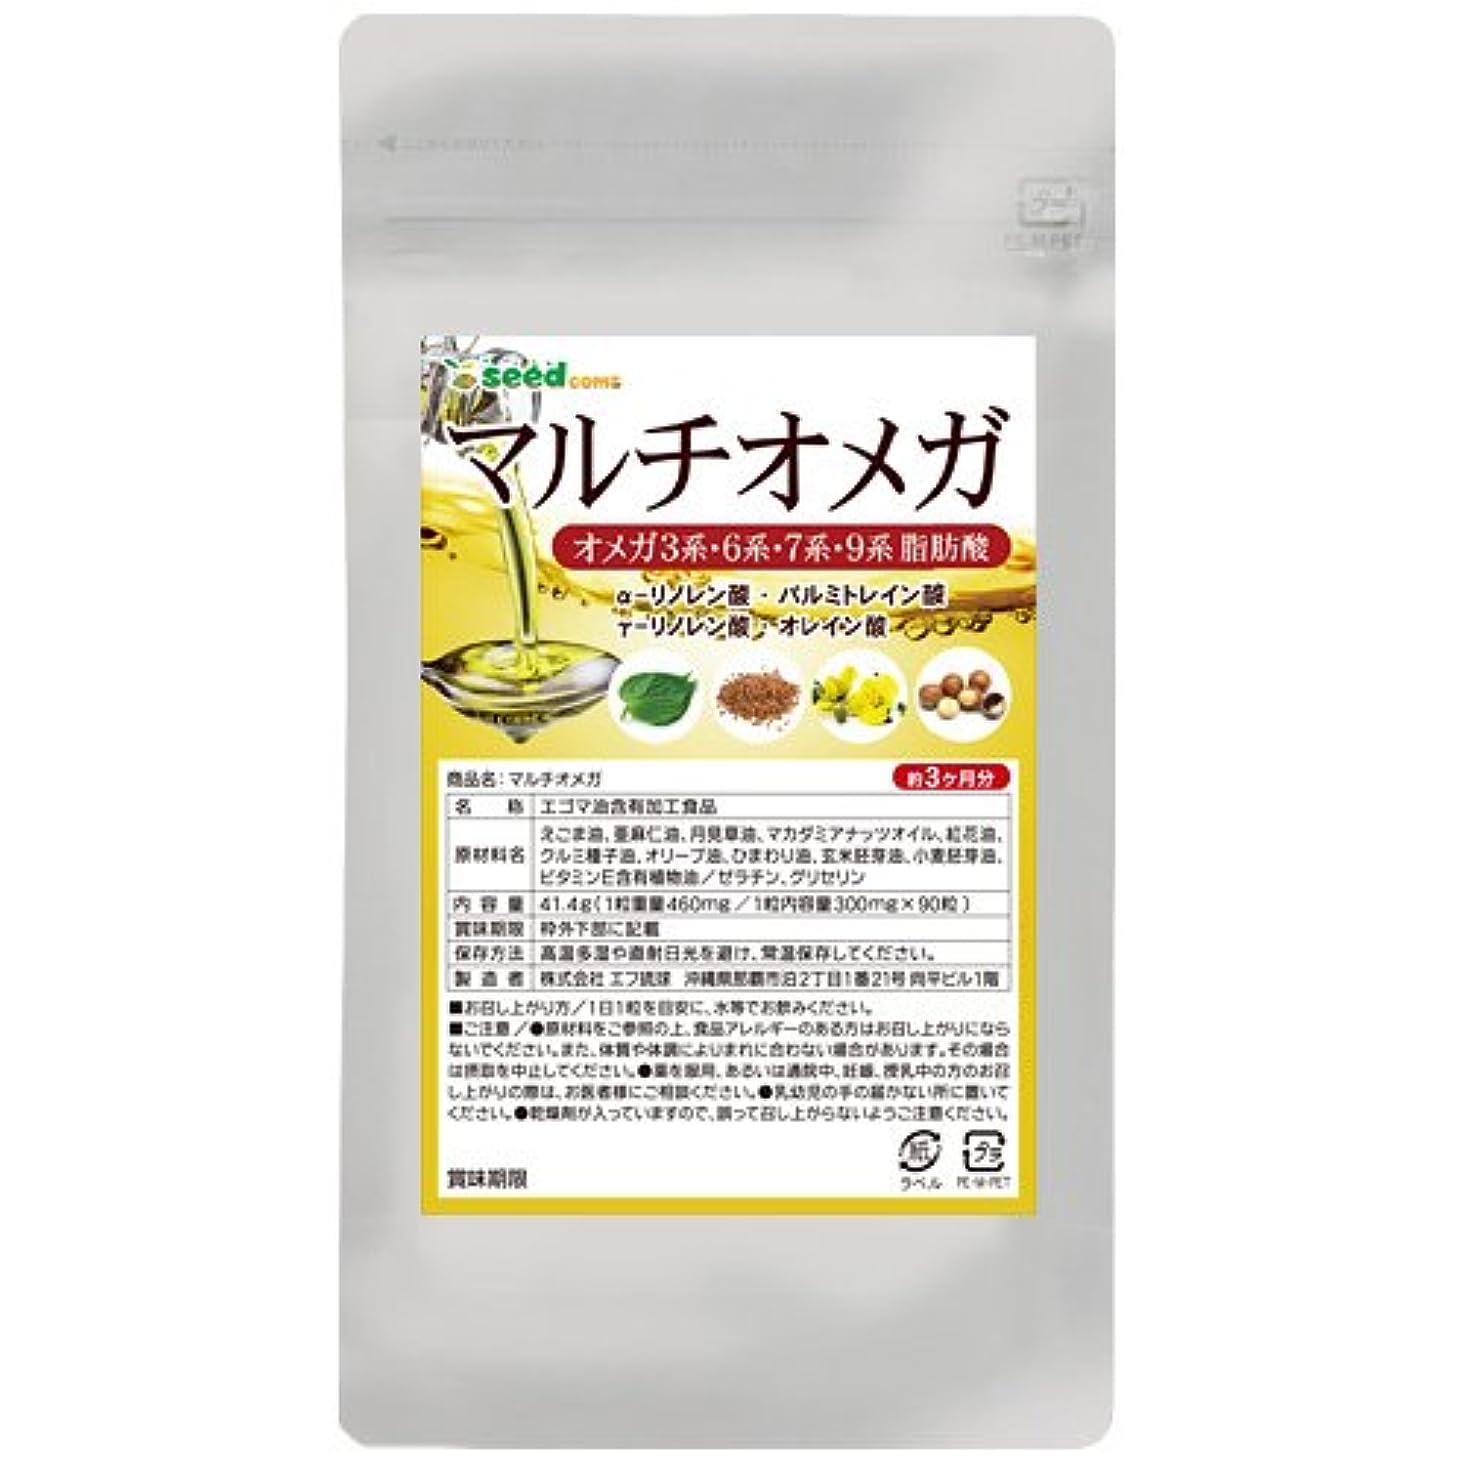 ストライプ最小化するレッドデートマルチ オメガ (約3ヶ月分/90粒) えごま油 亜麻仁油 など 4種のオメガオイル